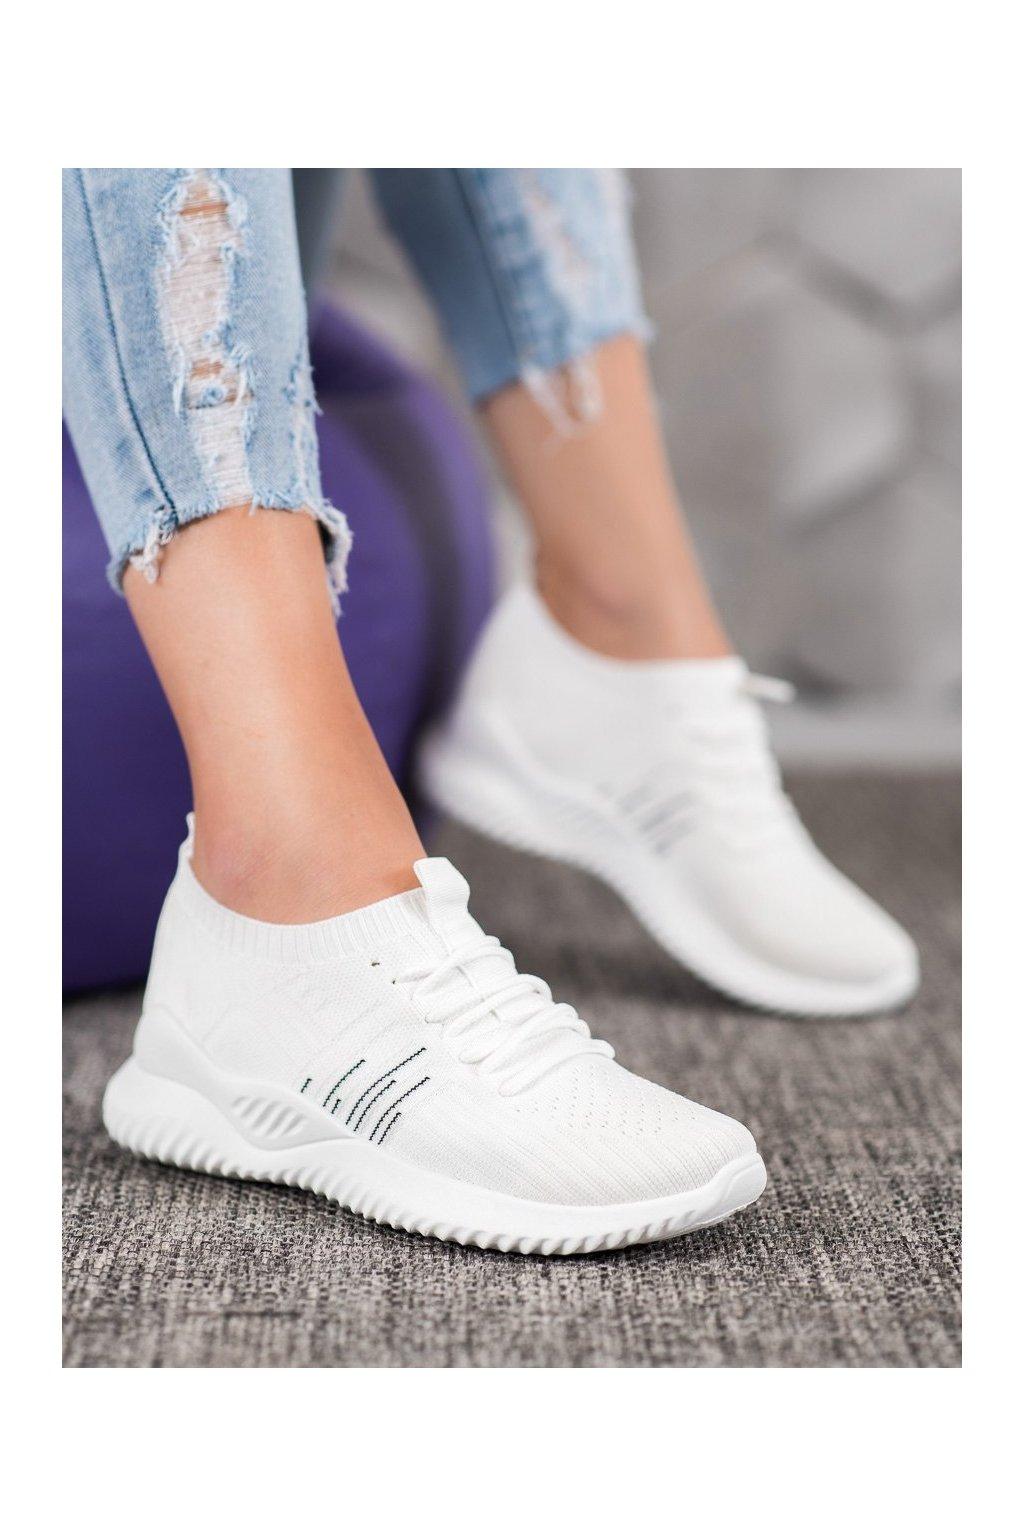 Biele tenisky Mckeylor kod ANN20-14434W